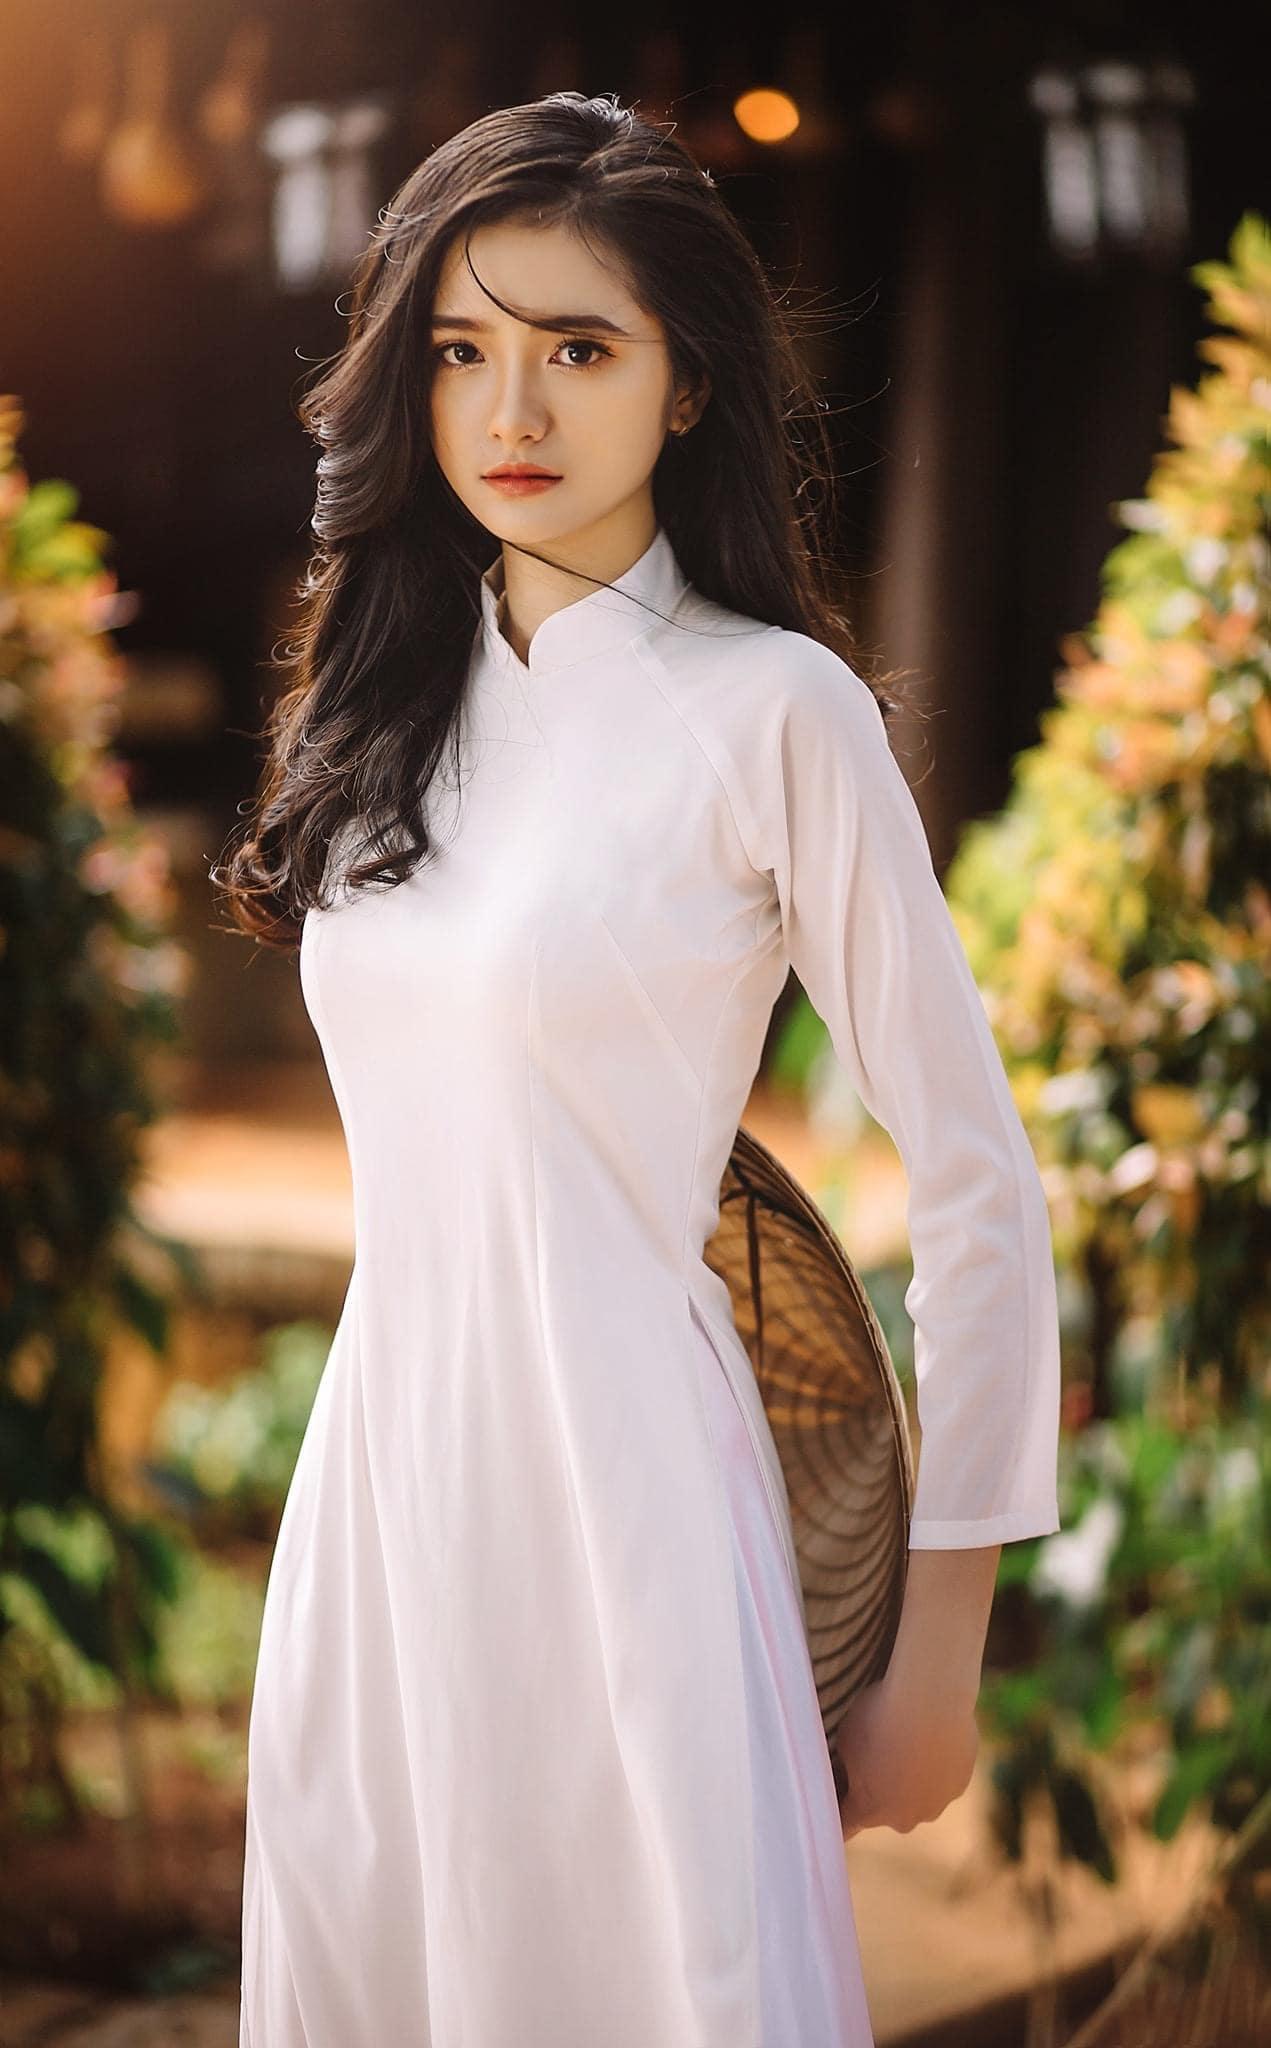 Tao dang voi ao dai 3 - 49 cách tạo dáng chụp ảnh với áo dài tuyệt đẹp - HThao Studio